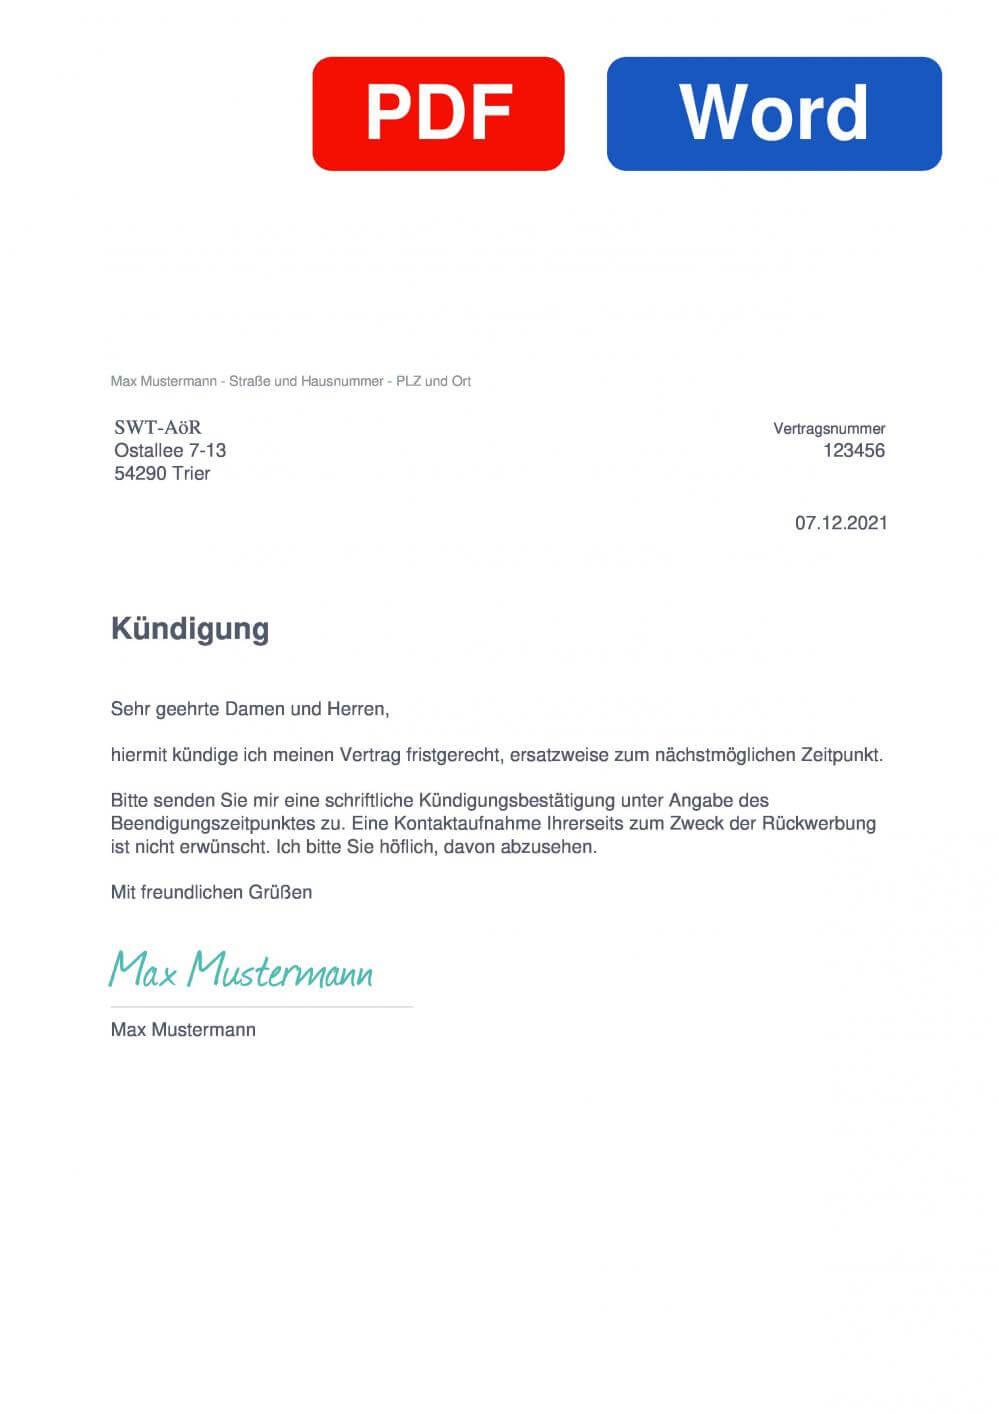 Römerstrom Muster Vorlage für Kündigungsschreiben